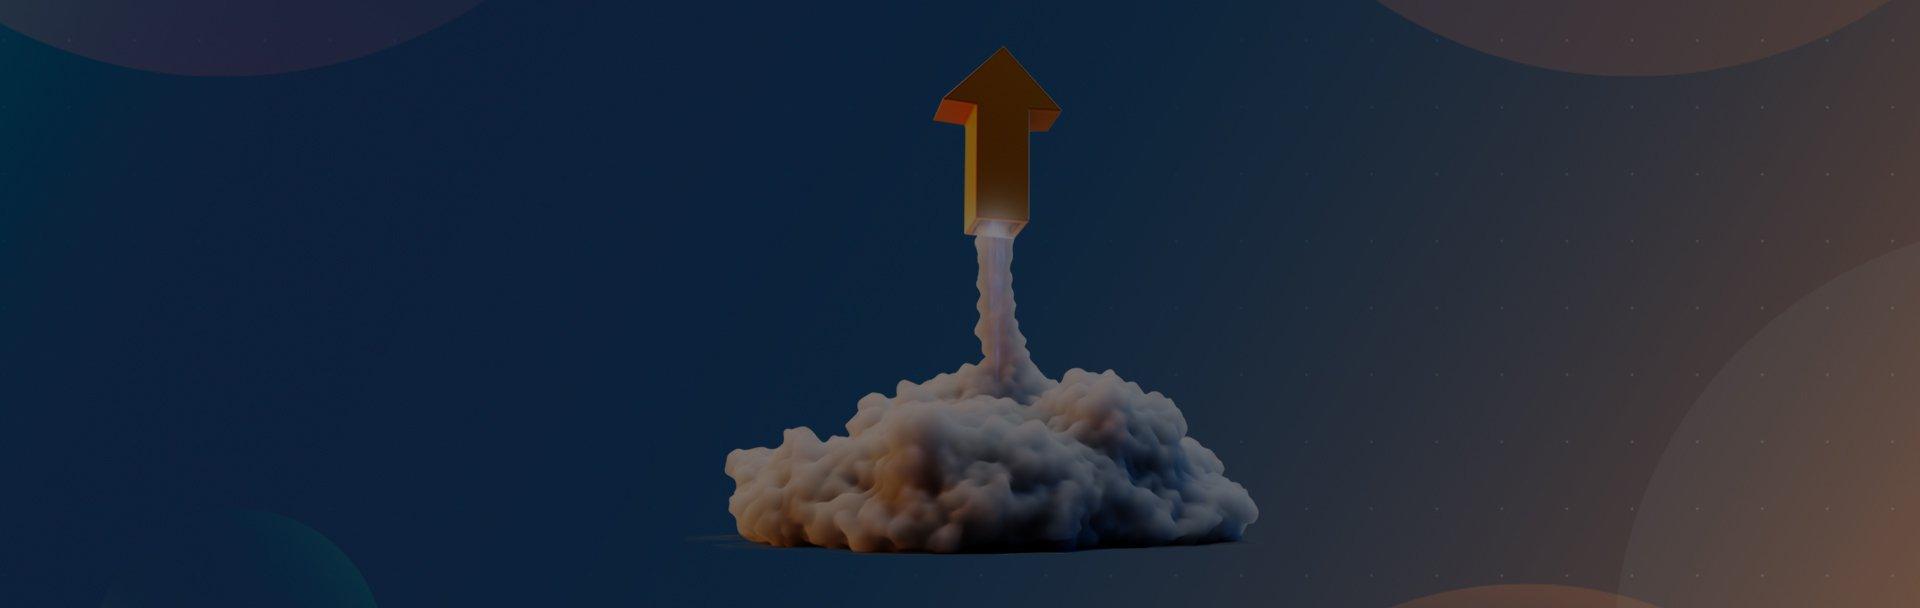 blog-solucionweb-como-puedo-aumentar-mis-ventas-consejos-para-crecer-en-tu-industria-tres